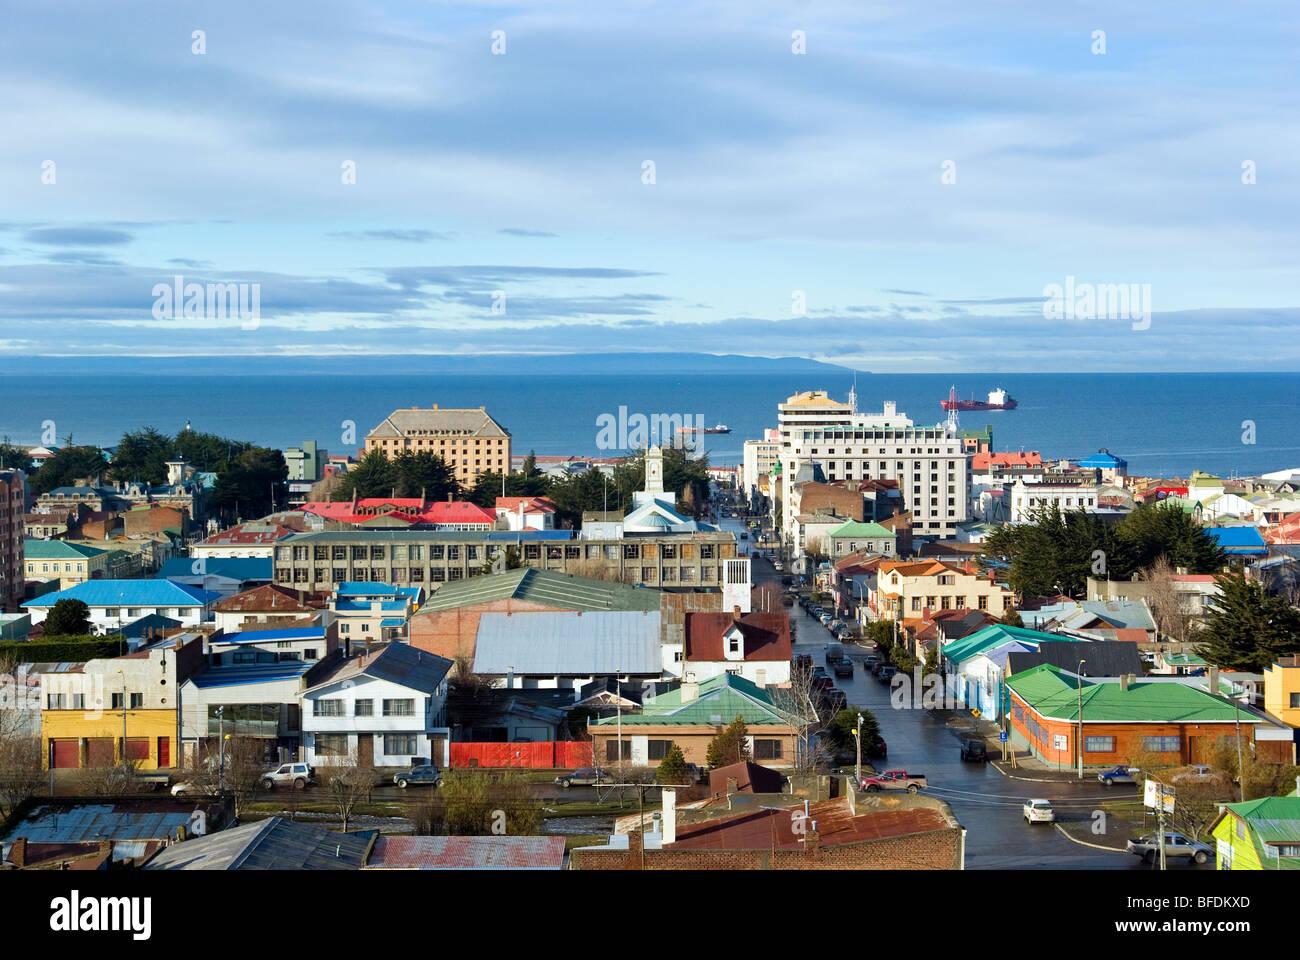 View of Punta Arenas from Mirador Cerro de la Cruz, Chile - Stock Image